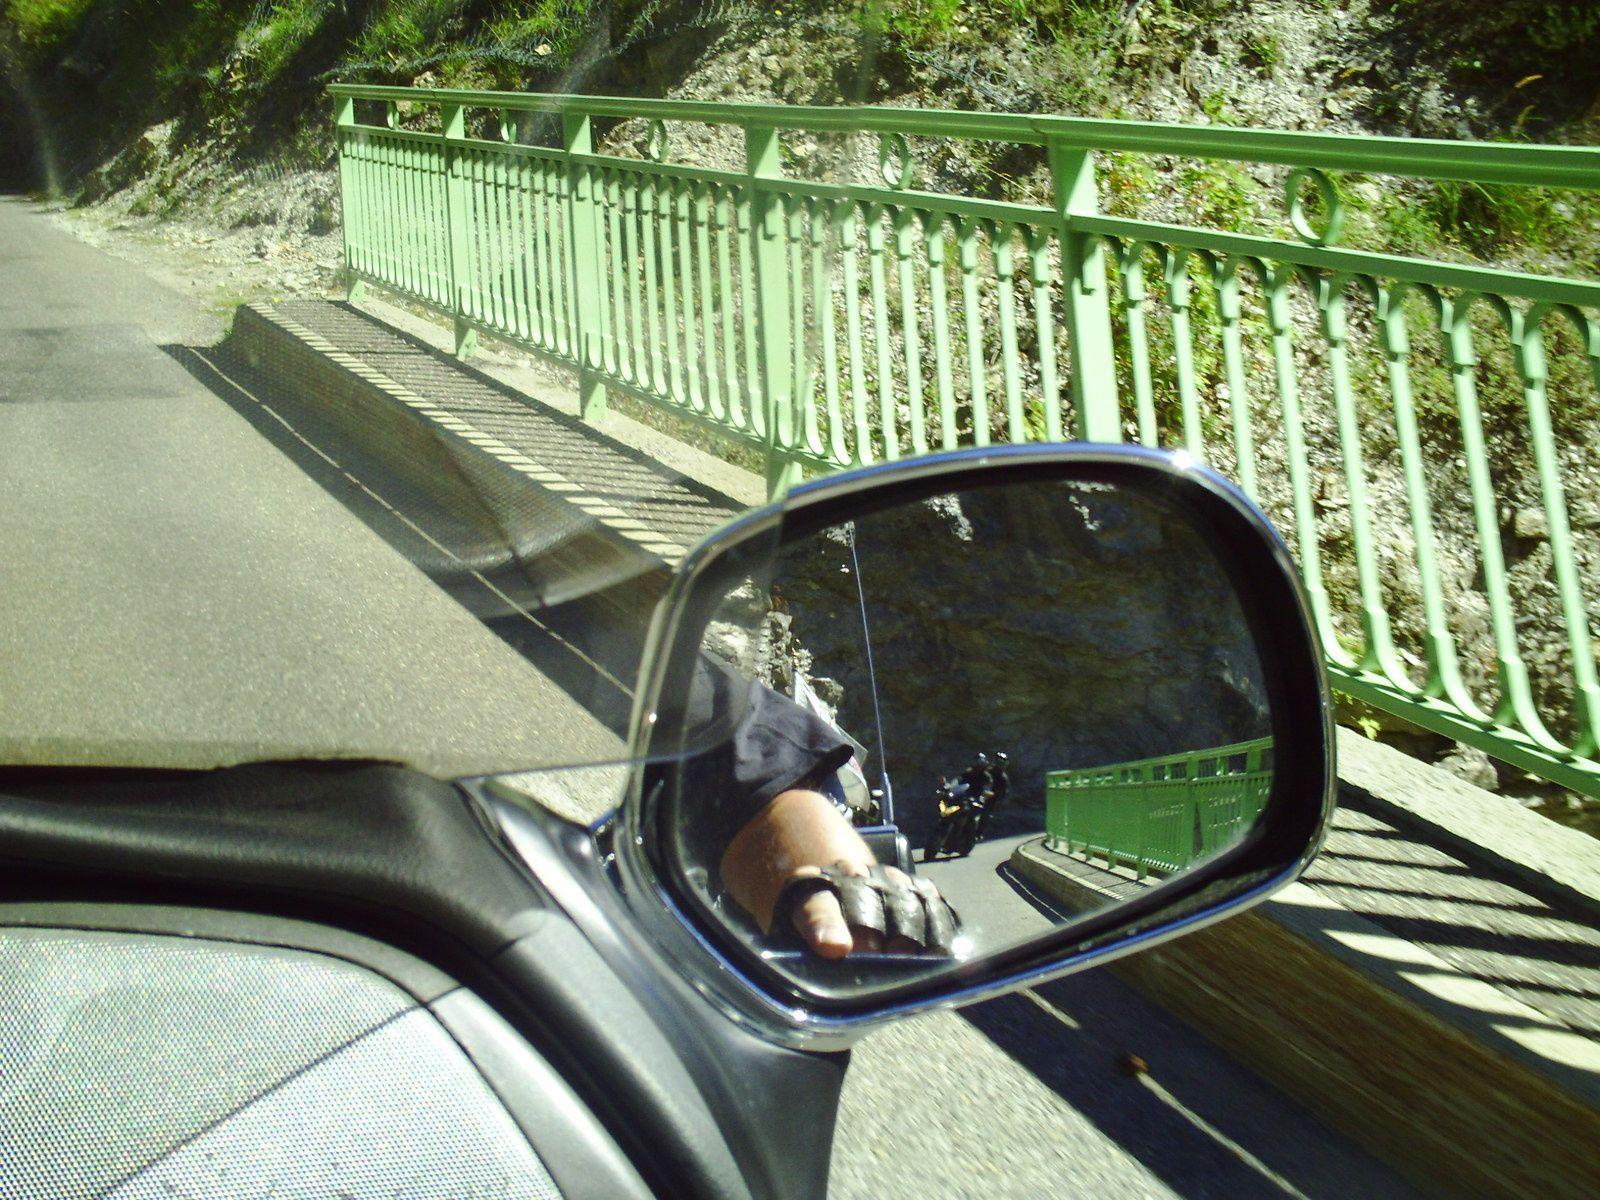 Goldwing - Notre voyage dans les Hautes-Alpes en Goldwing 1800 et Varadero 125 - 4ème jour 1/2